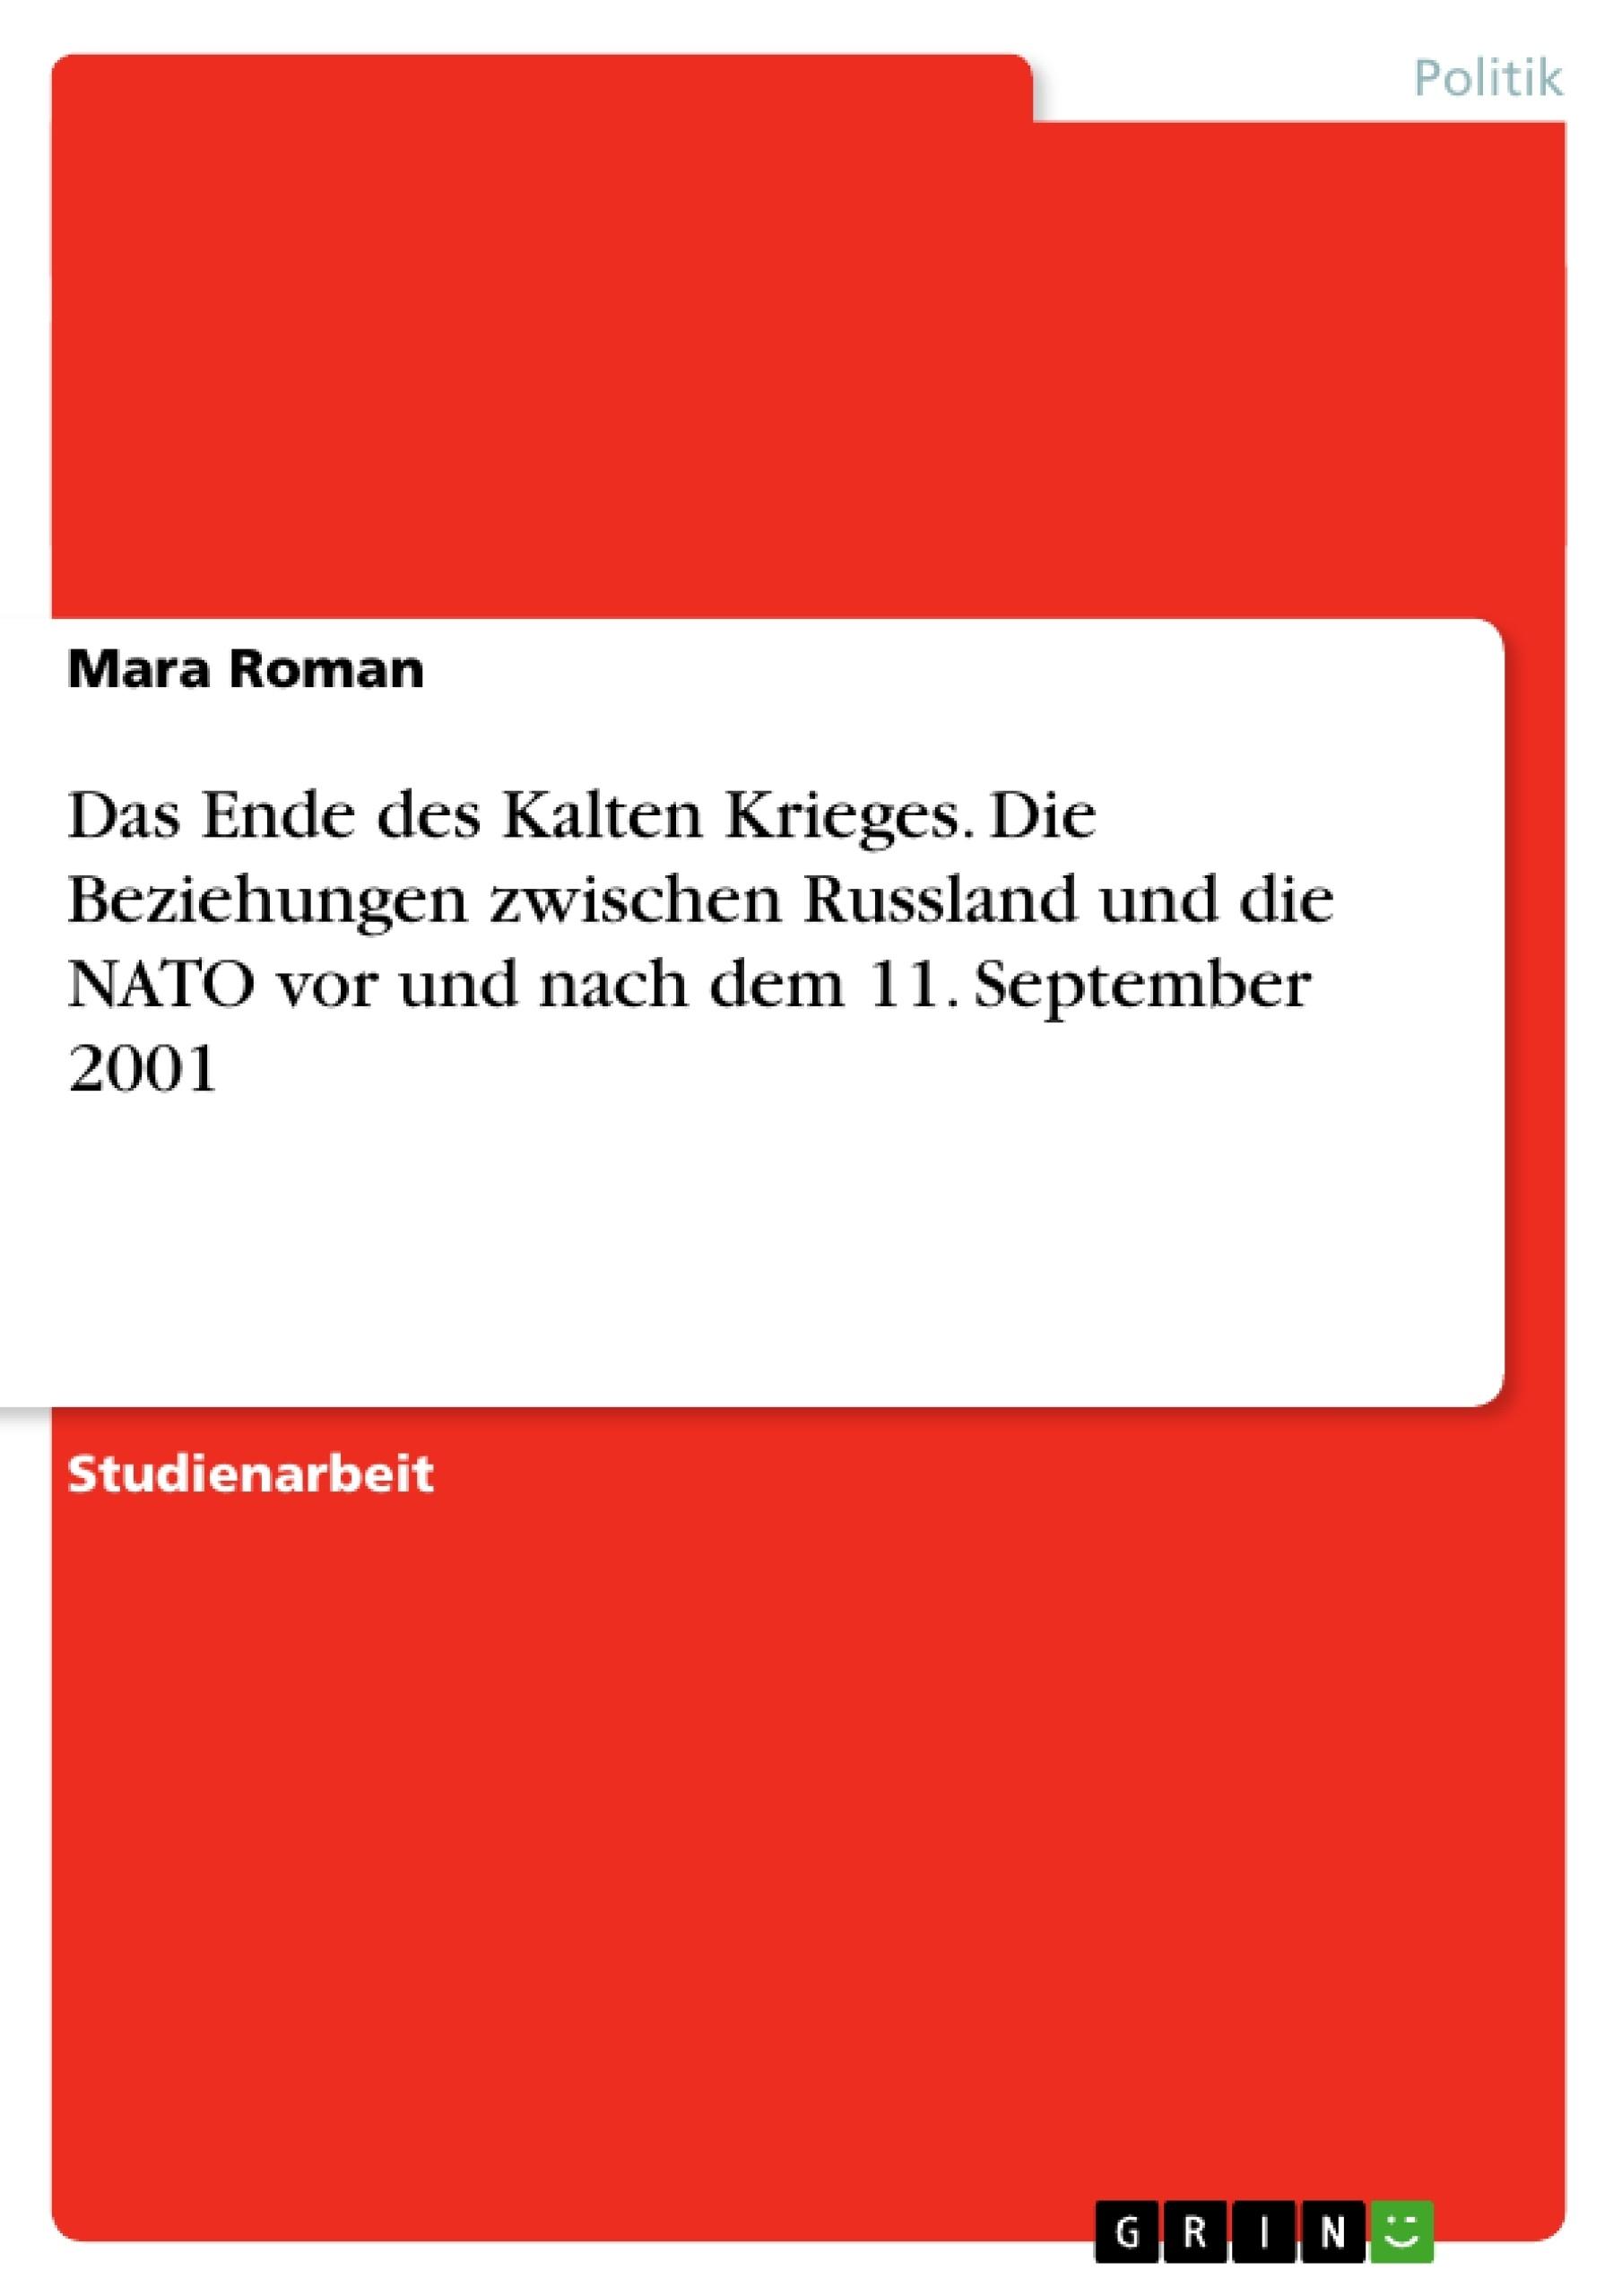 Titel: Das Ende des Kalten Krieges. Die Beziehungen zwischen Russland und die NATO vor und nach dem 11. September 2001